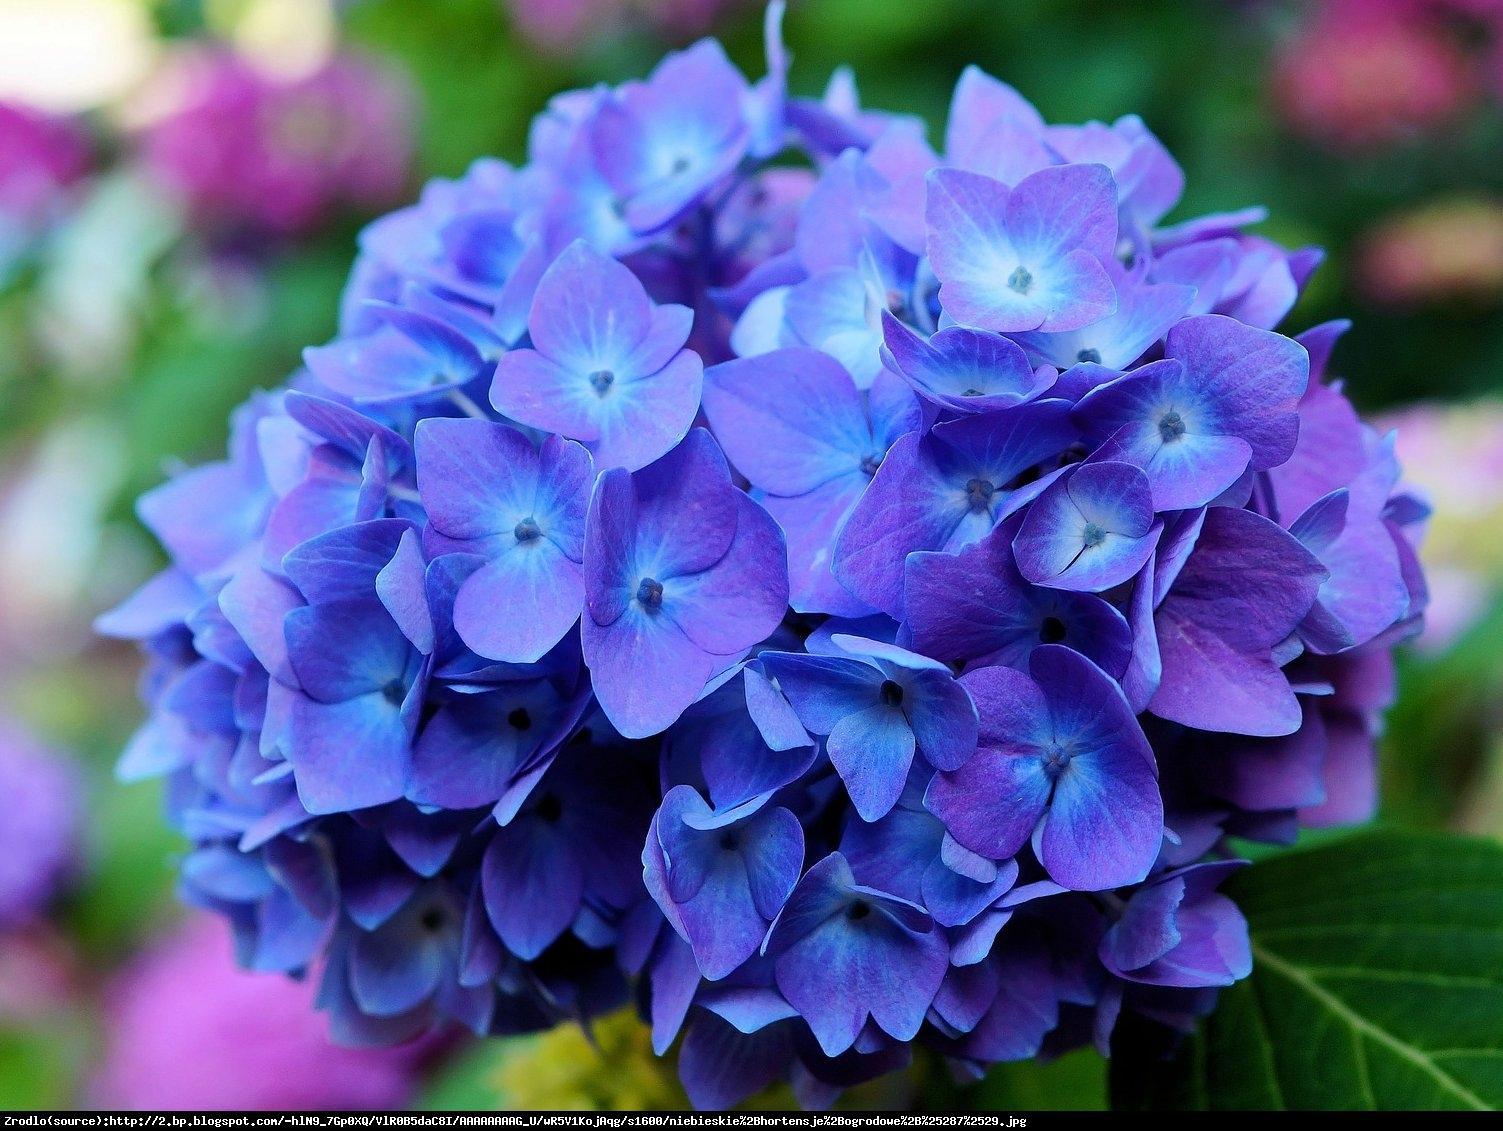 Hortensja ogrodowa niebieska - Hydrangea macrophylla niebieska